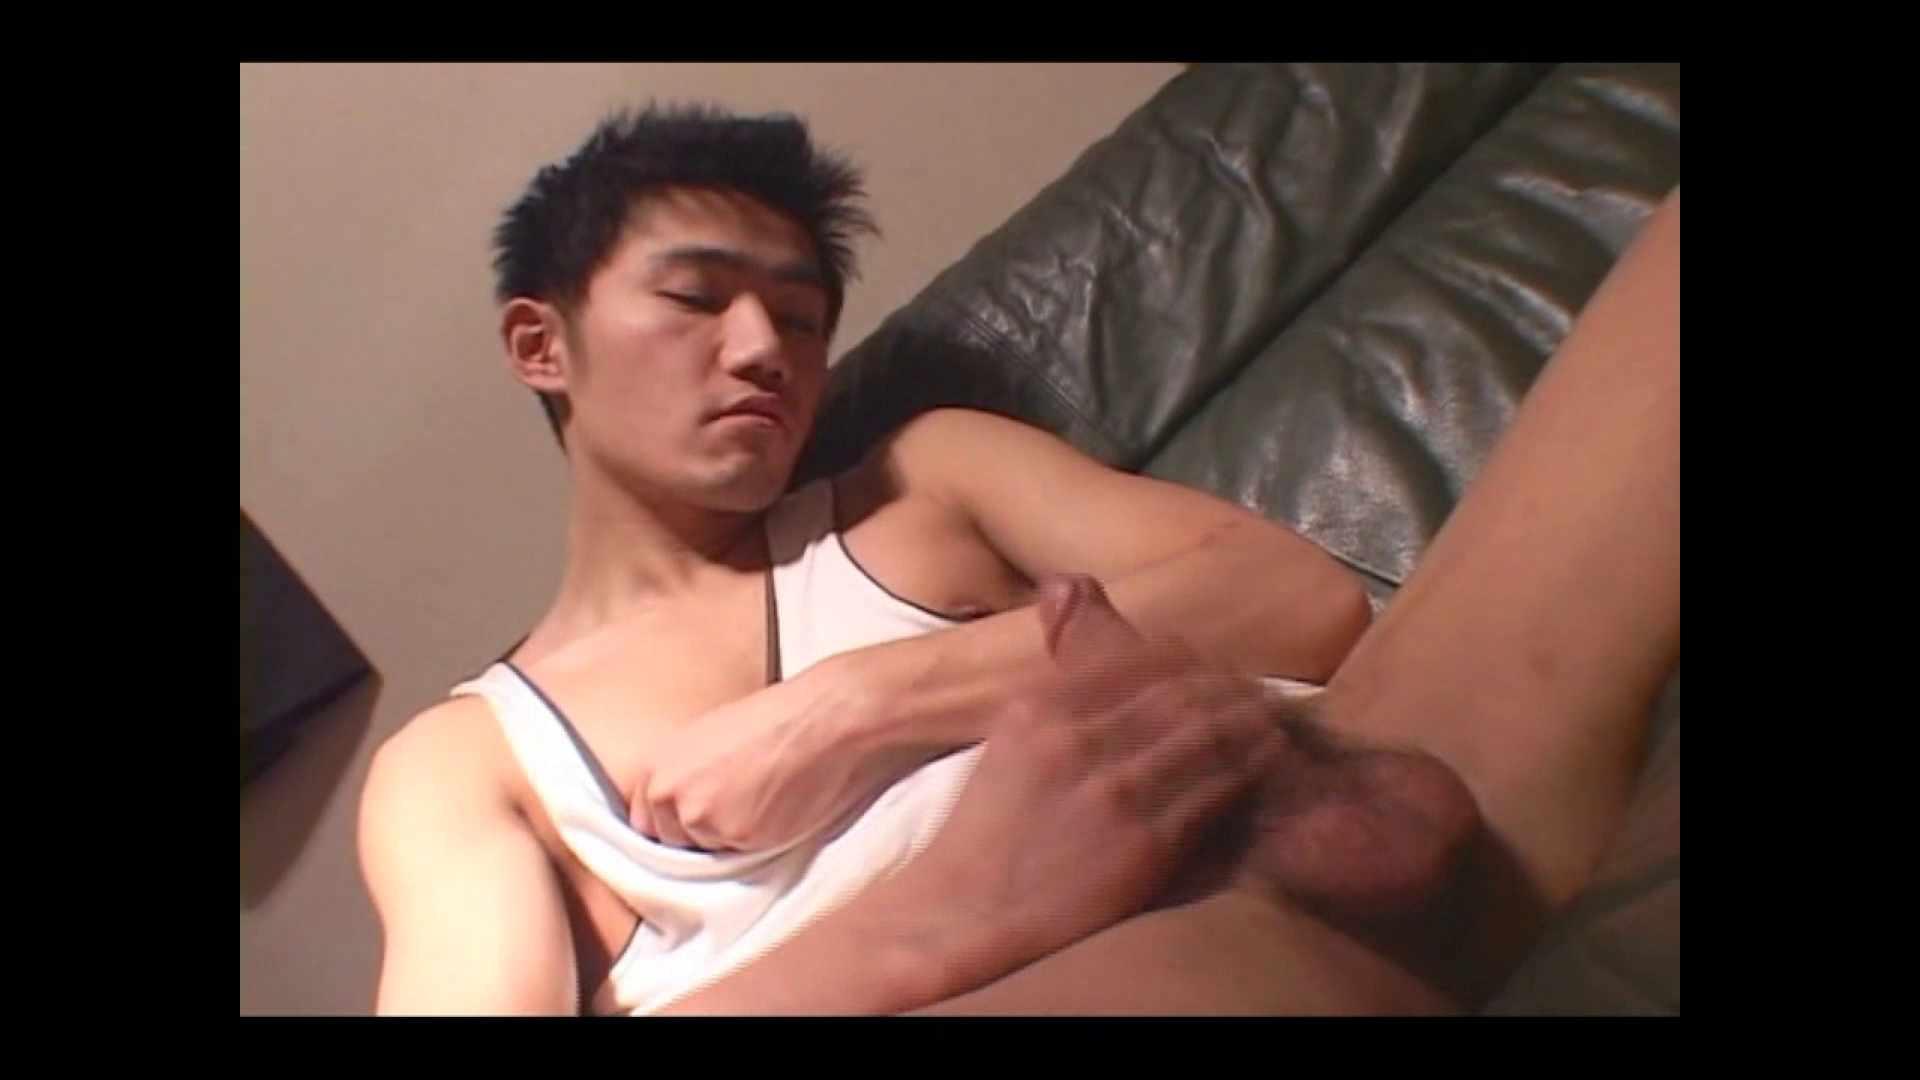 ノンケイケメンの欲望と肉棒 Vol.12 肉にく男子  65枚 24